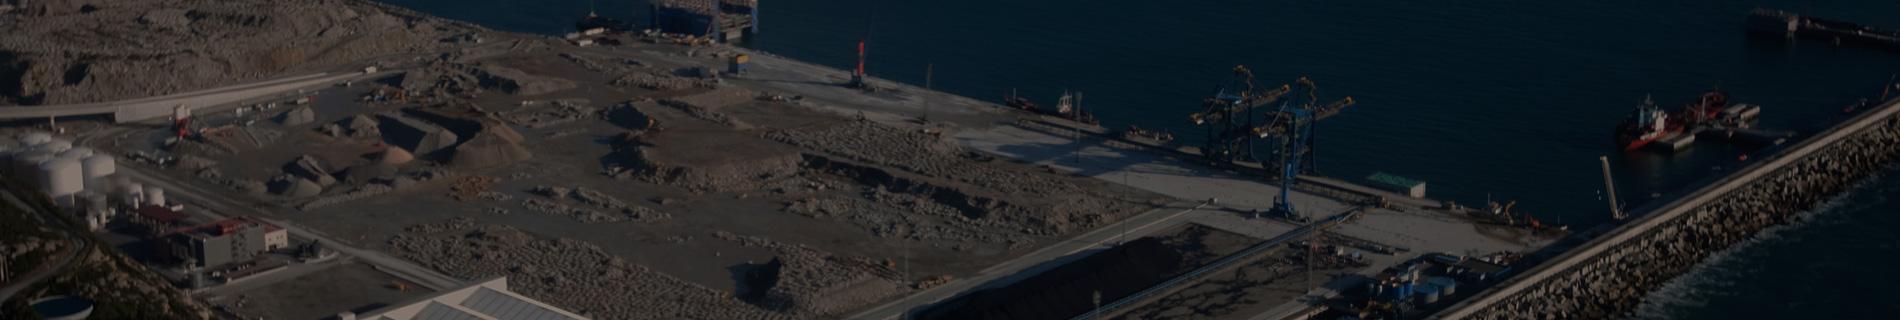 Ferrol Exterior Port